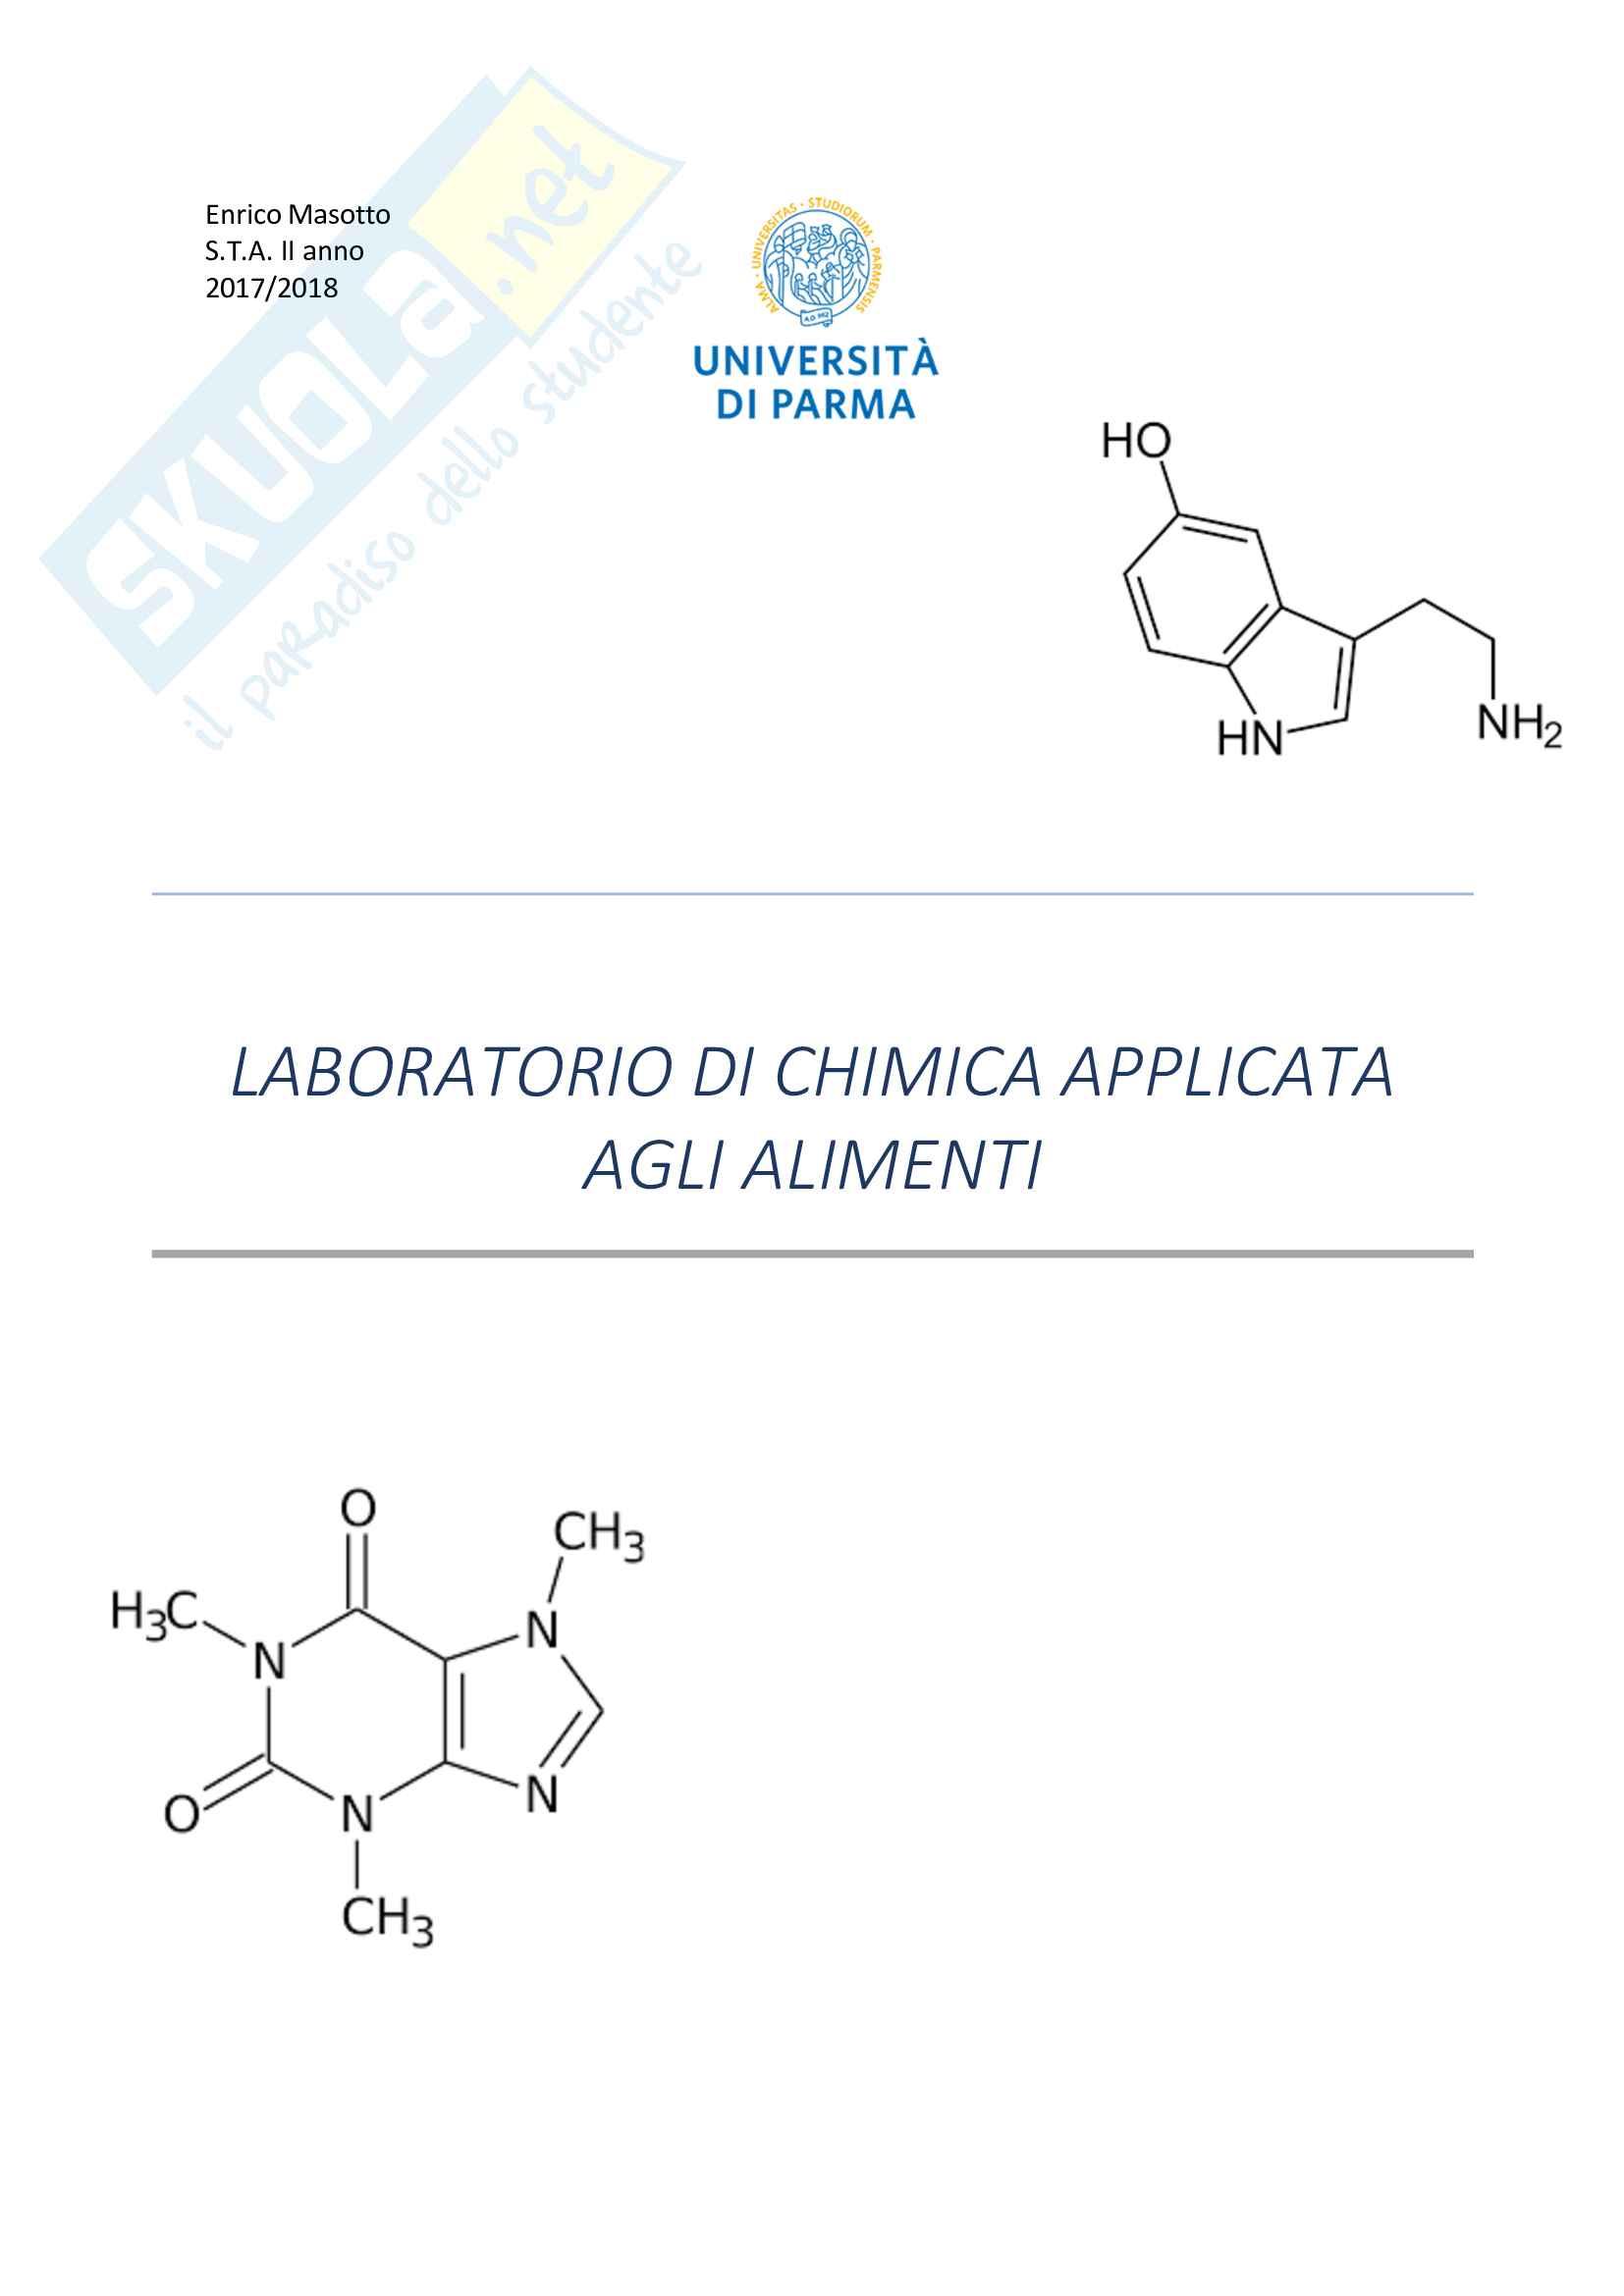 Laboratorio di chimica applicata agli alimenti